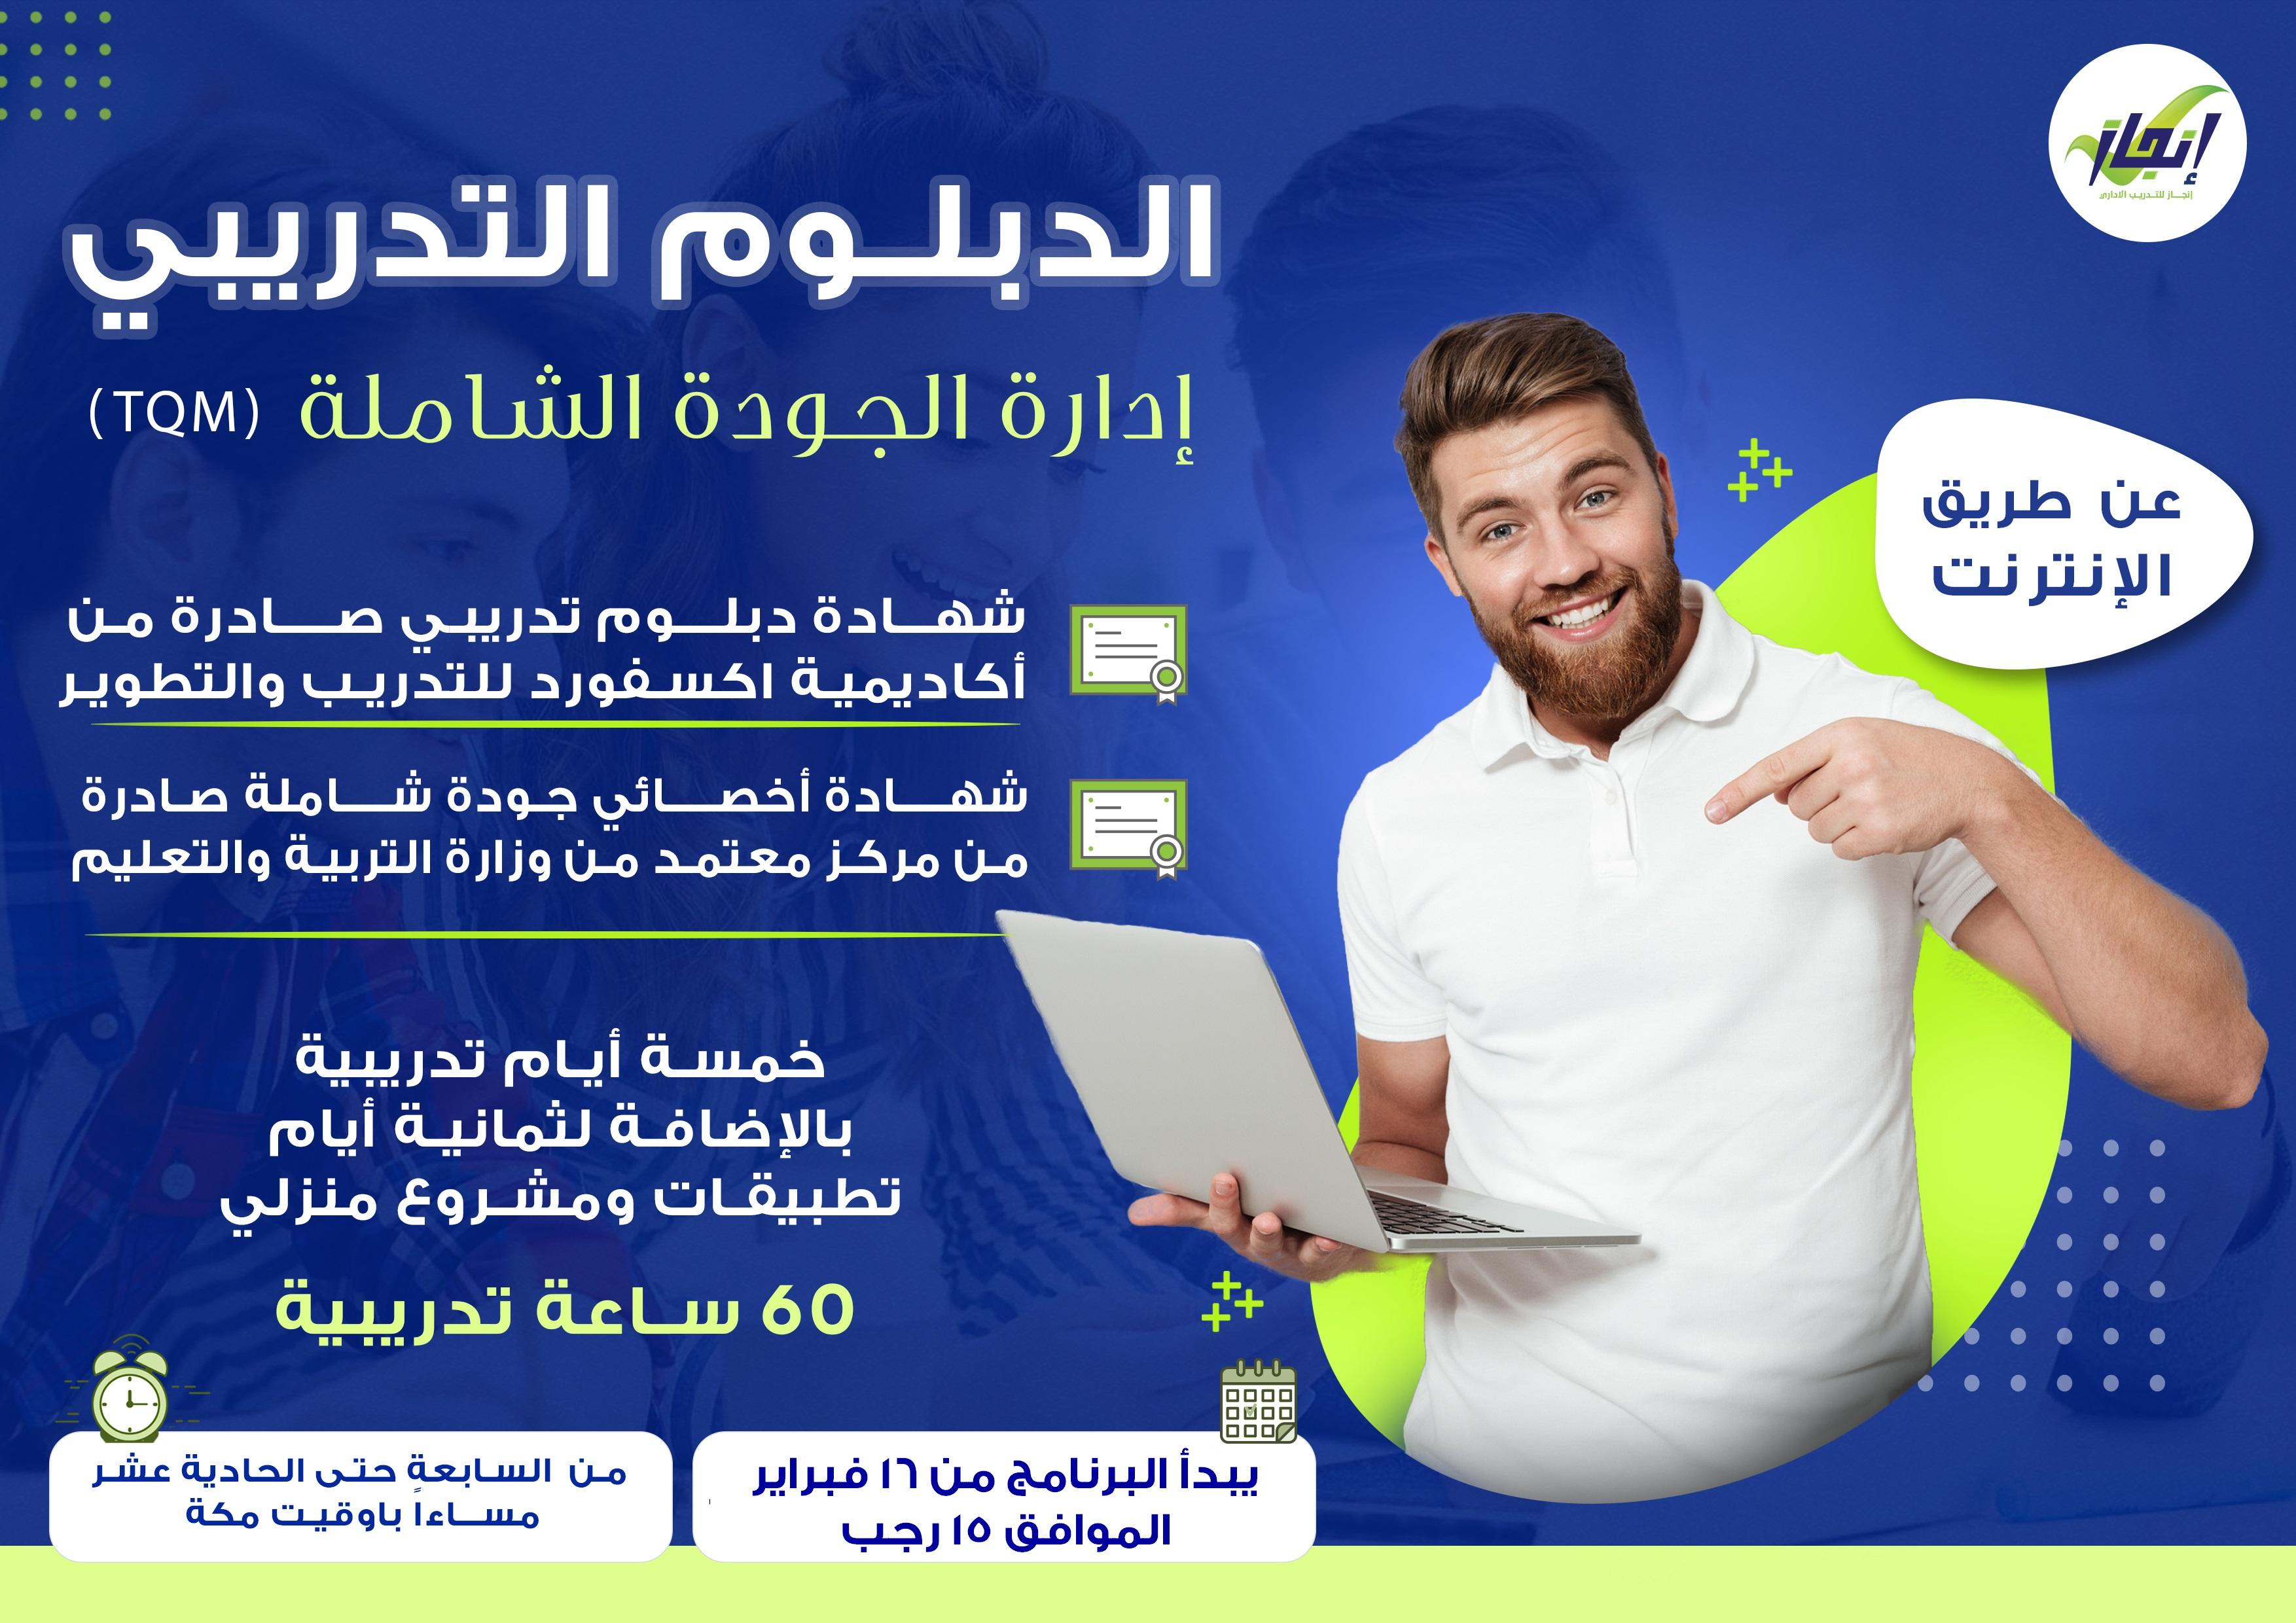 الدبلوم التدريبي بإدارة الجودة الشاملة